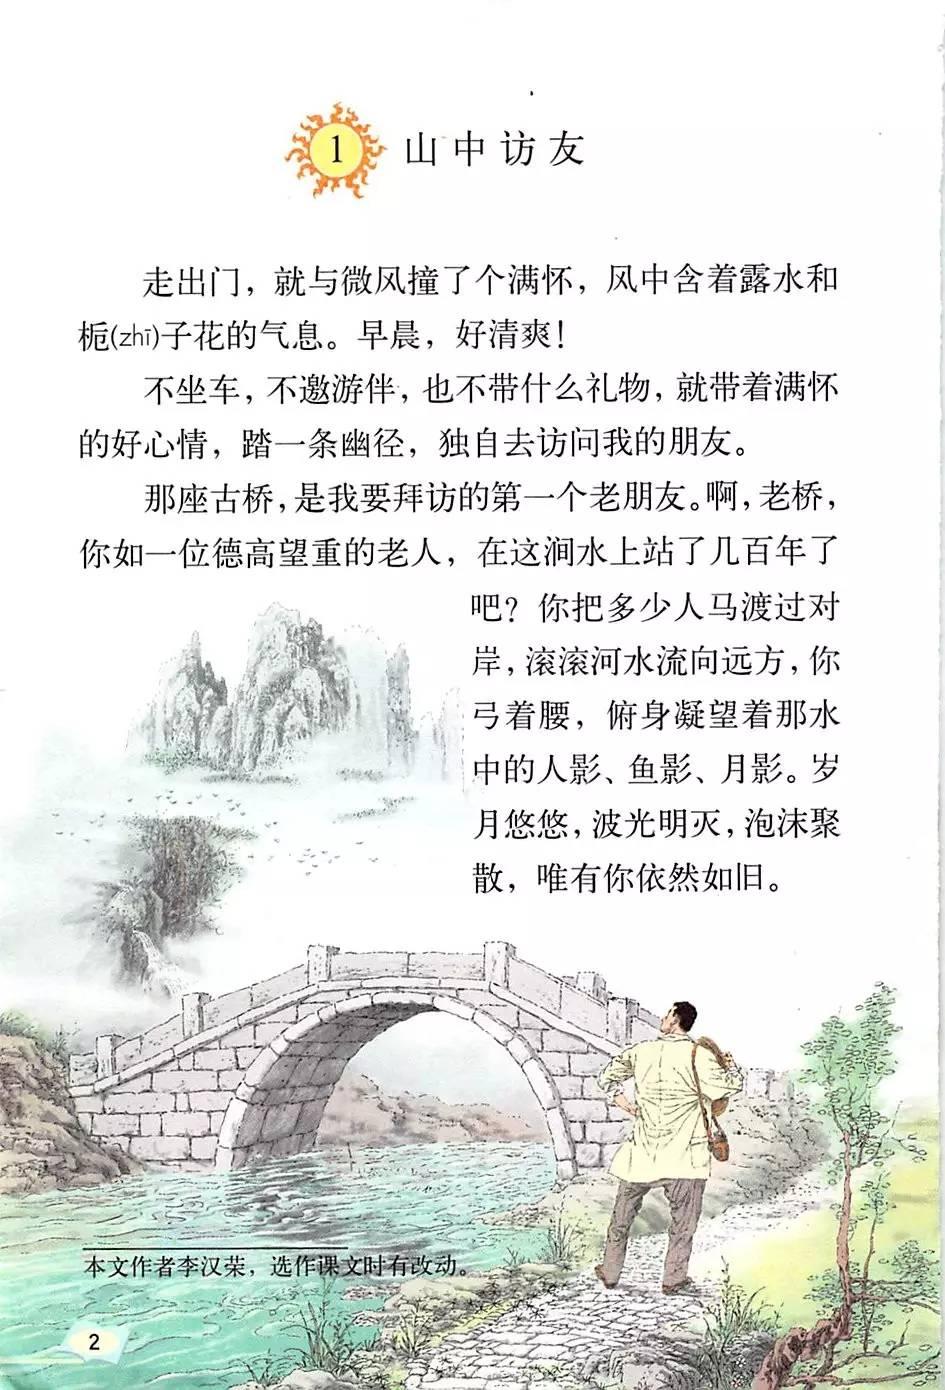 詹天佑读后感400字_人教版语文六年级上册第五单元作文400字-